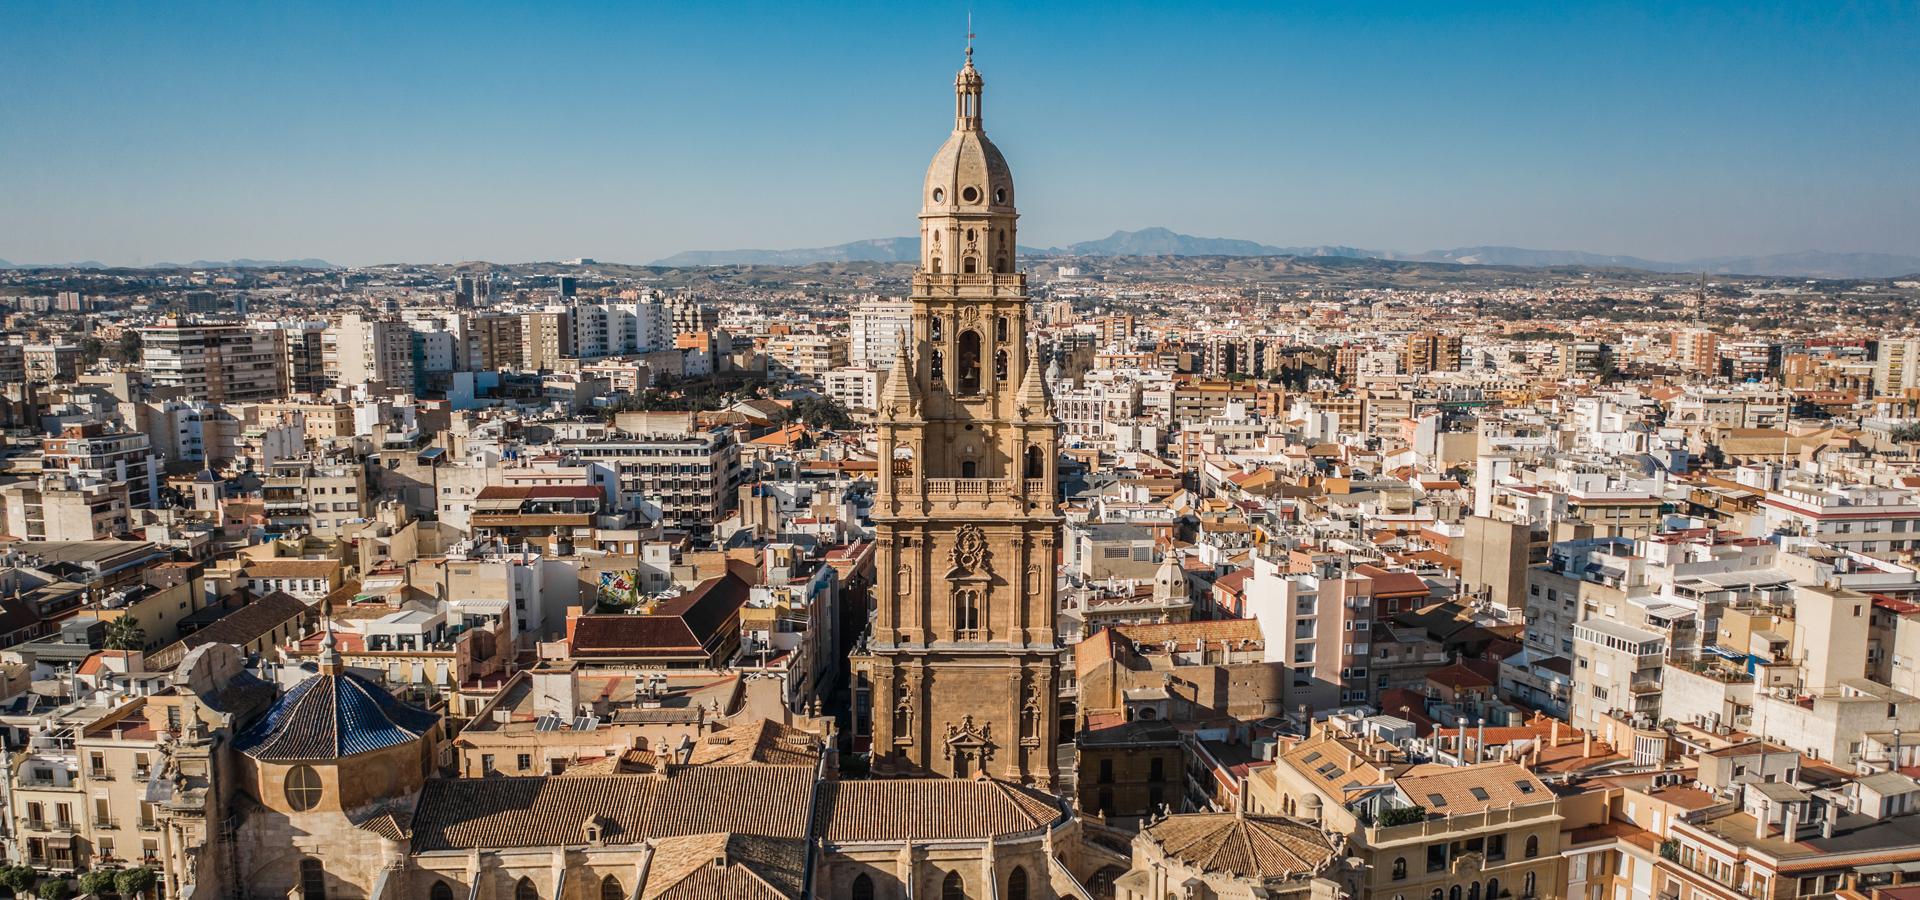 Peer-to-peer advisory in Murcia, Region of Murcia, Spain